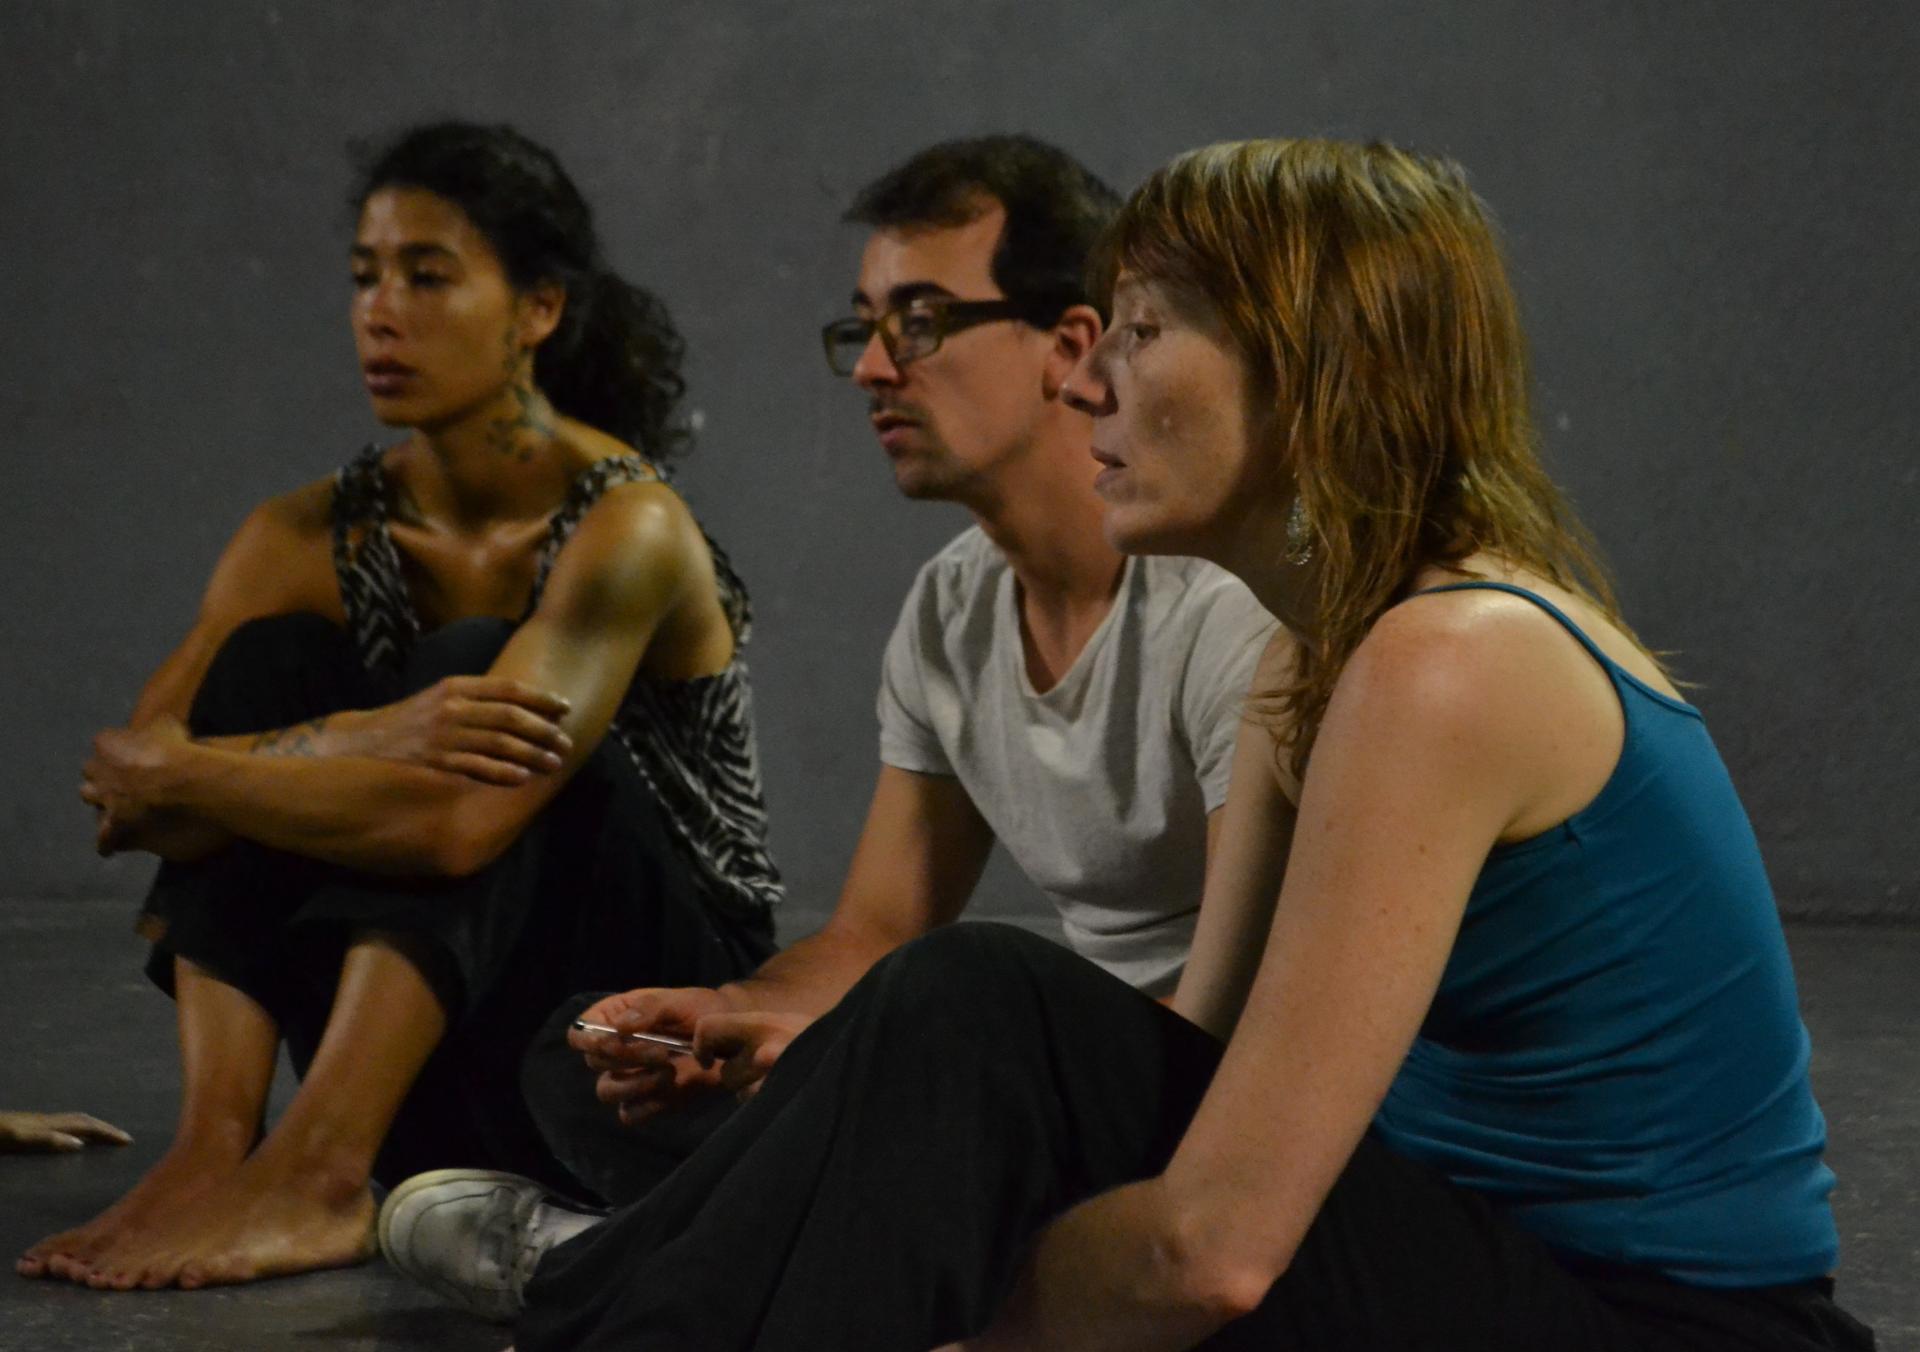 Cassandre Muñoz, Vincent Dufour & Estelle Richir